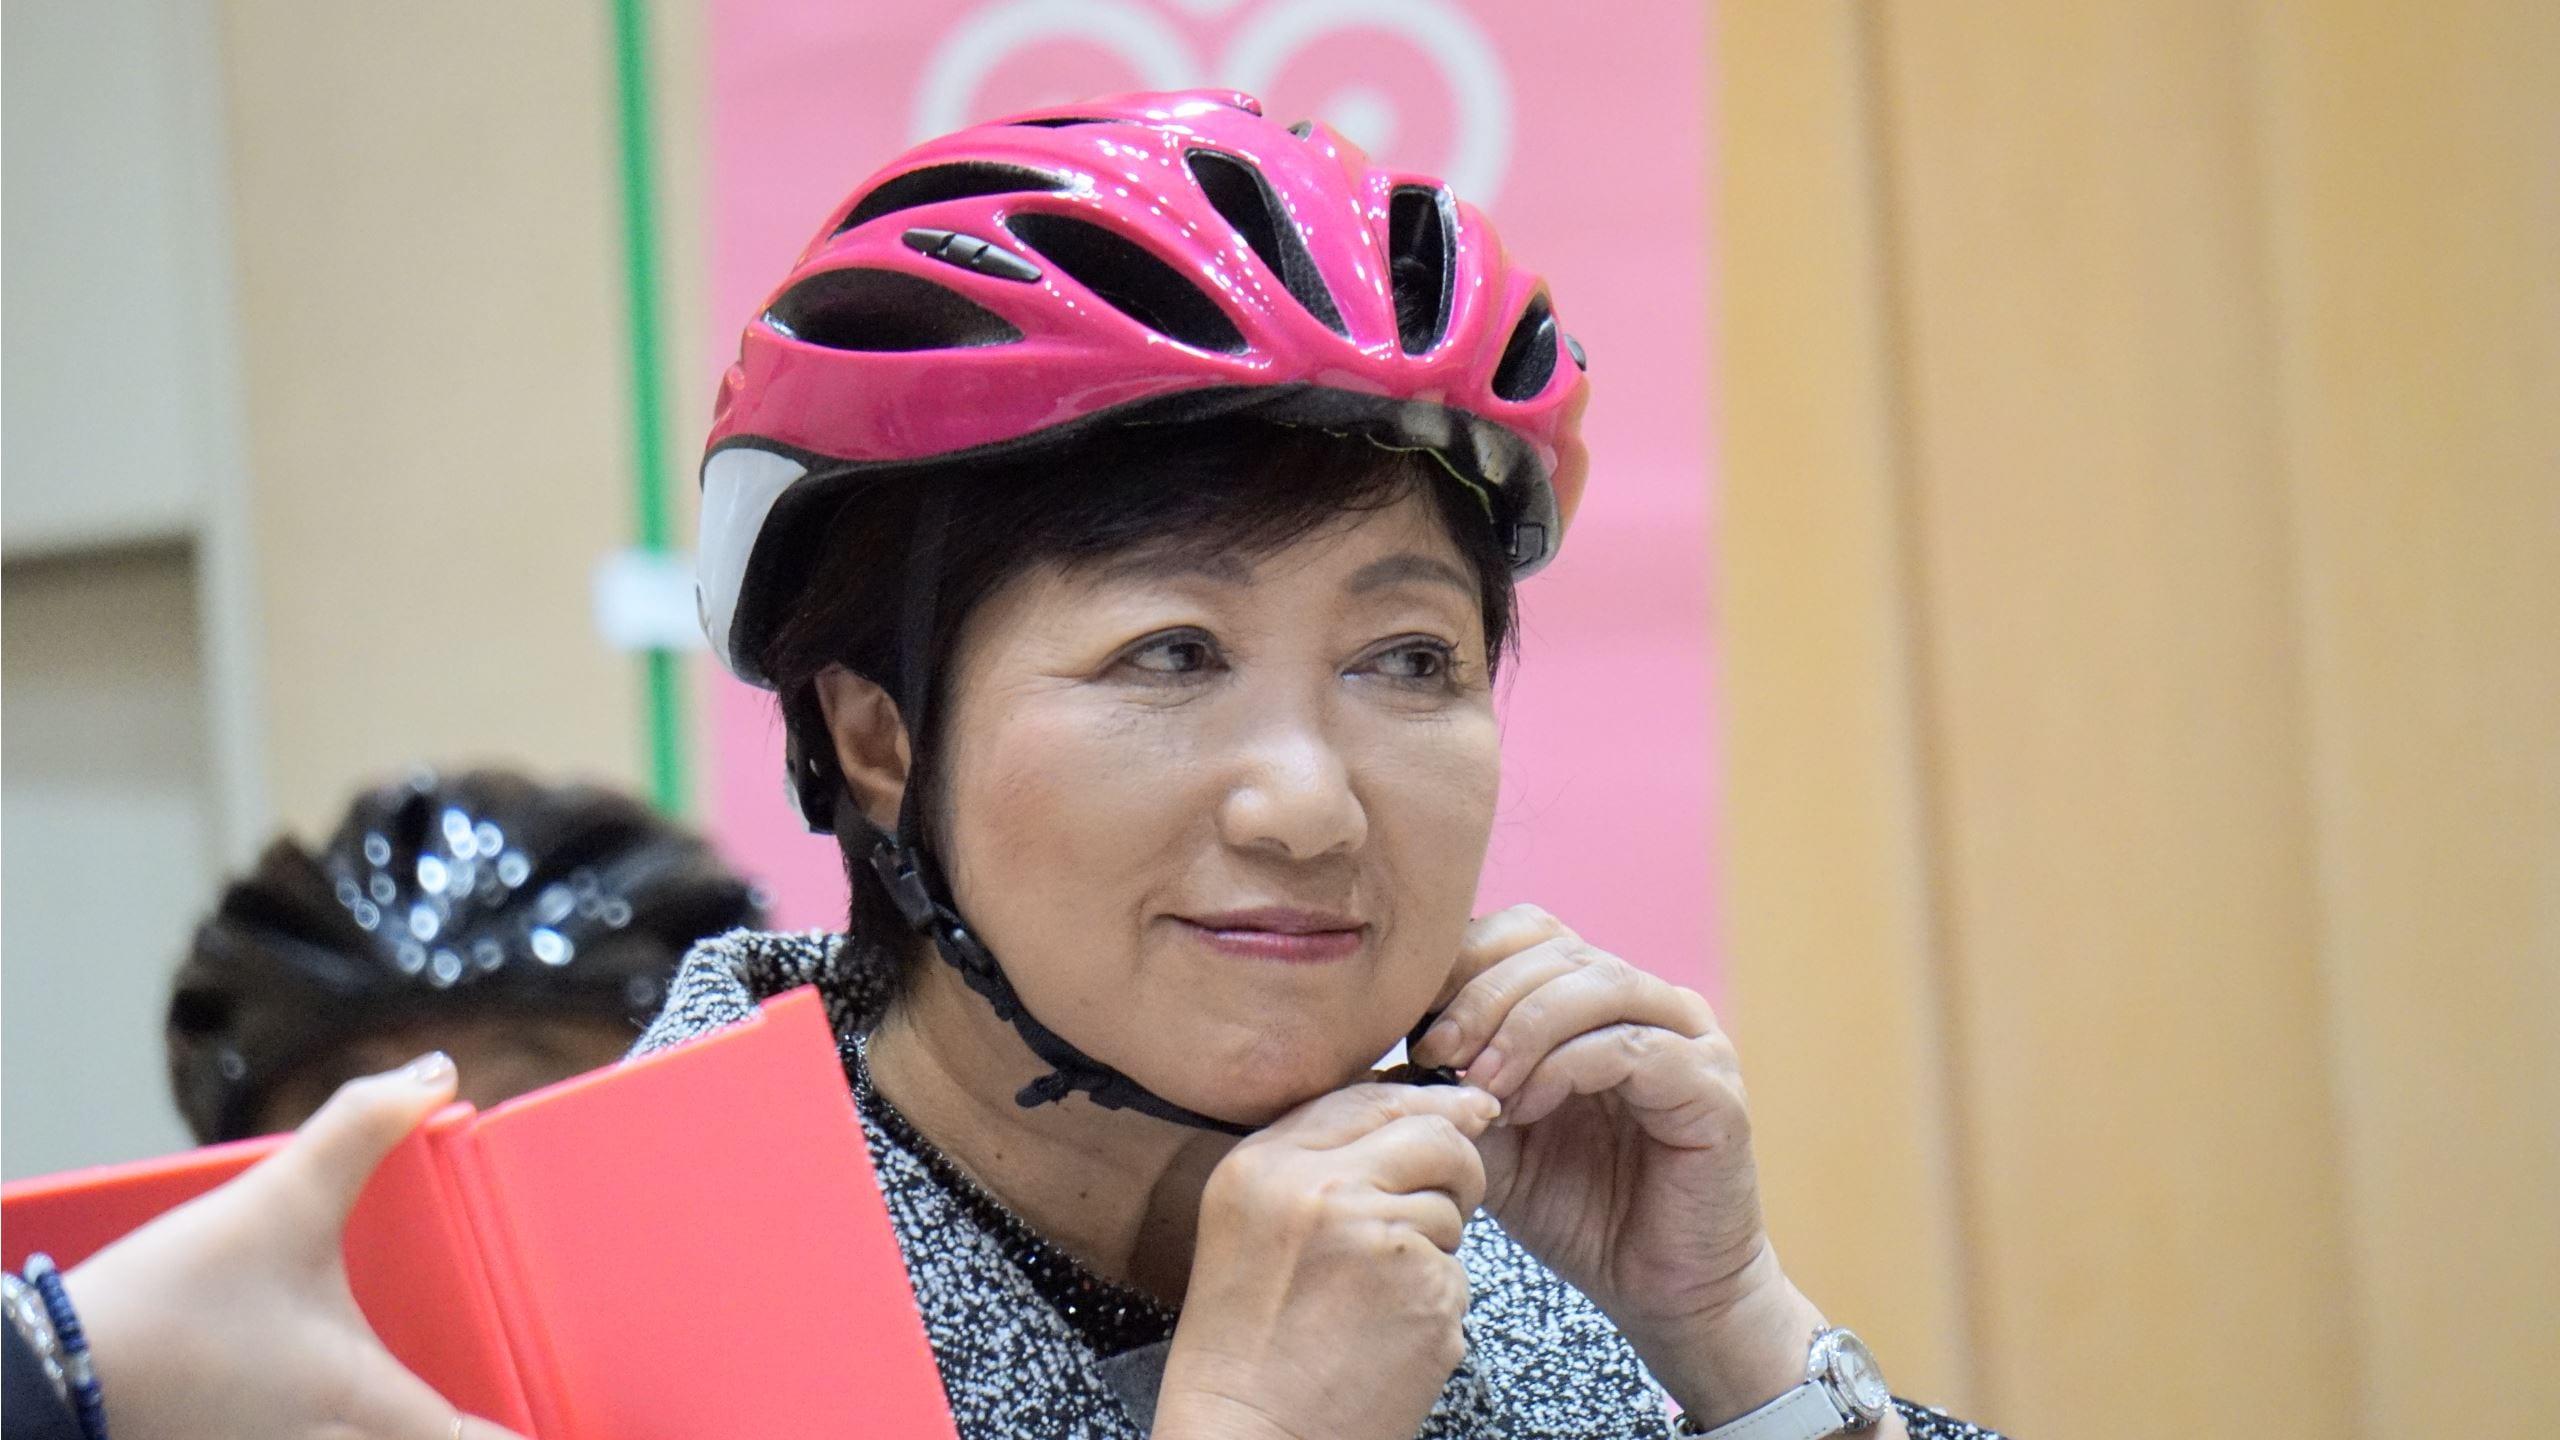 国内初!「ヘルメット着用中補償」付き自転車保険がau損保より発売